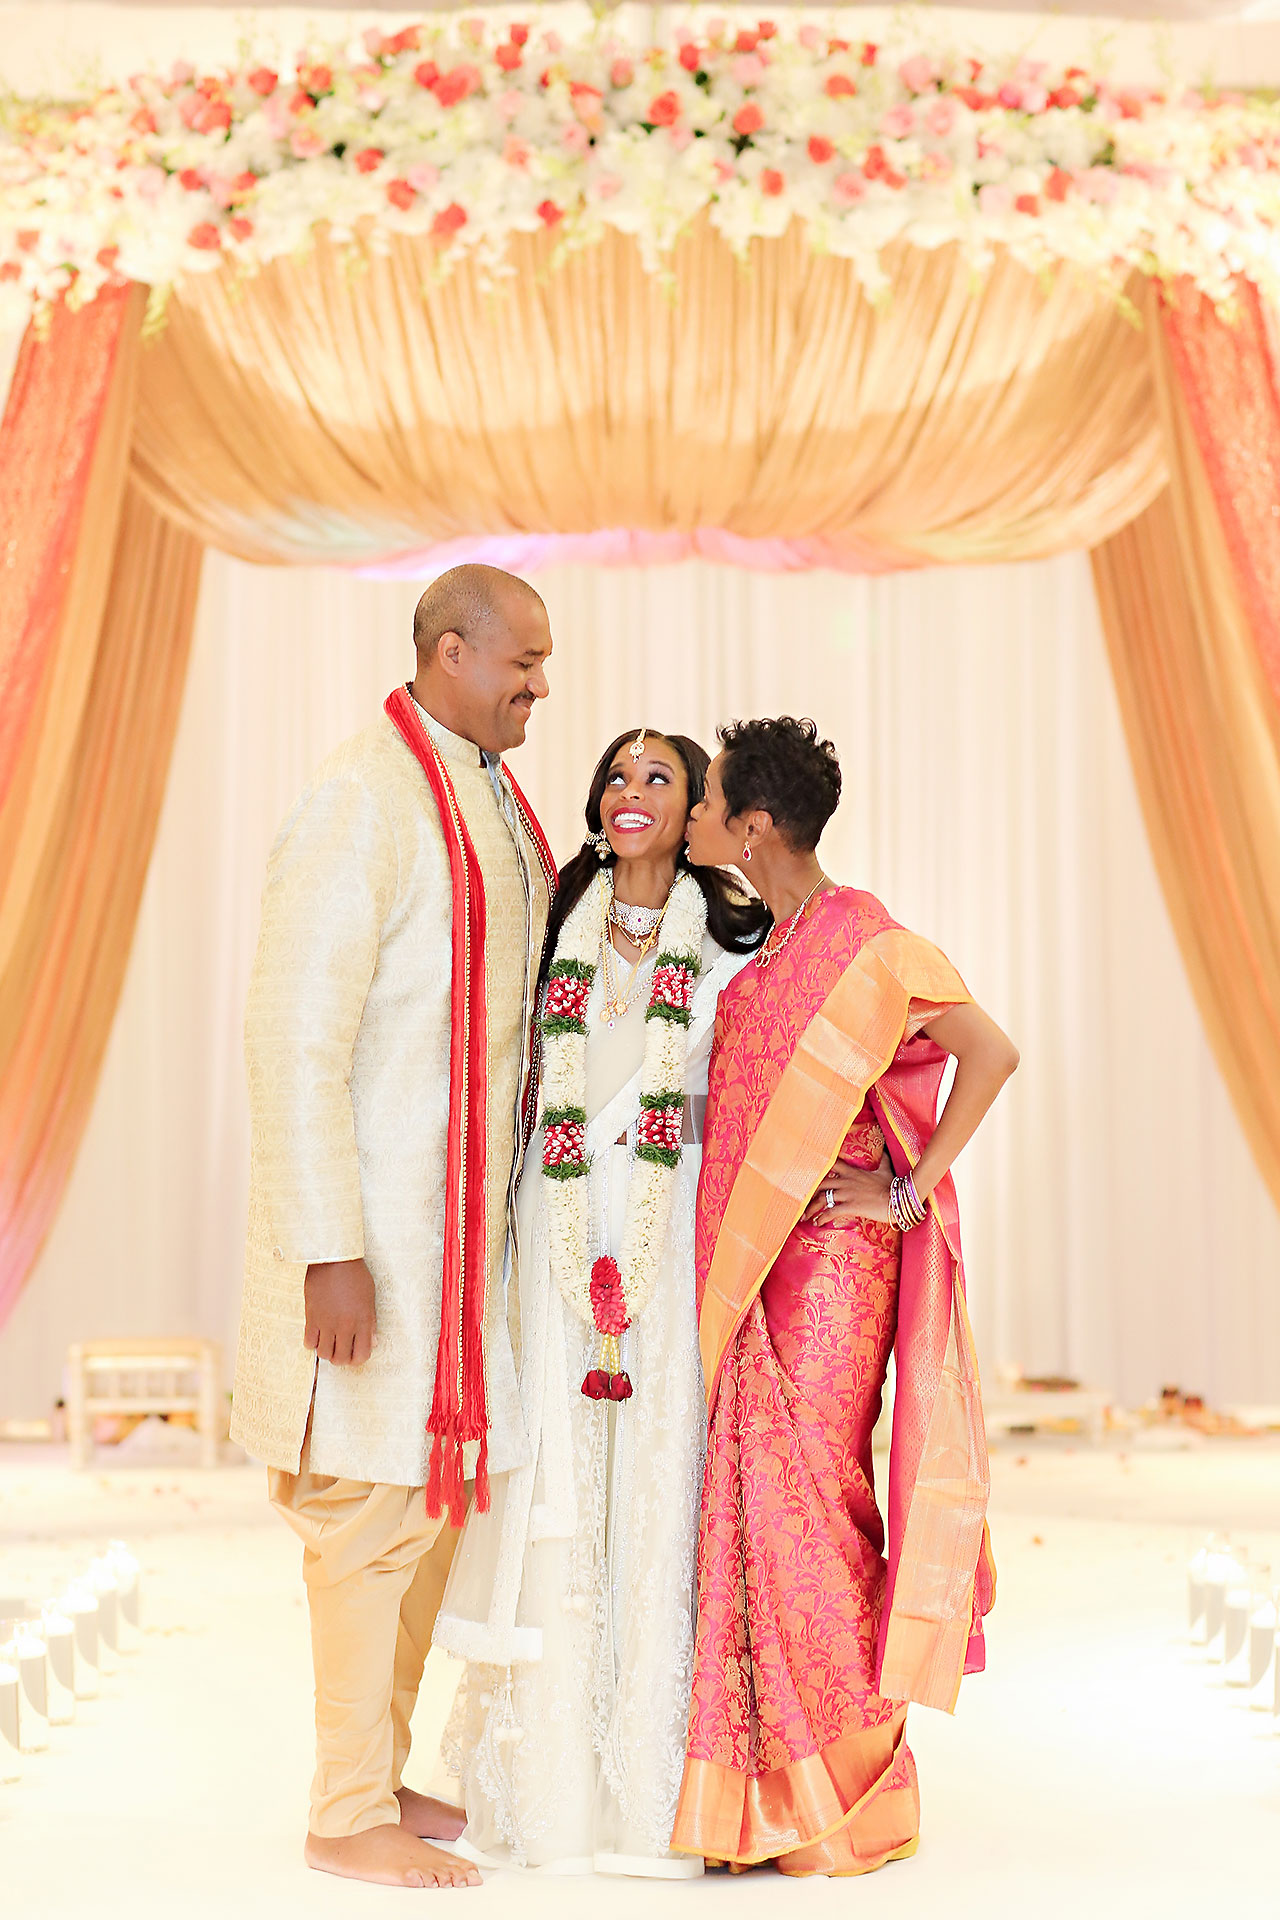 Joie Nikhil JW Marriott Indian Wedding 324